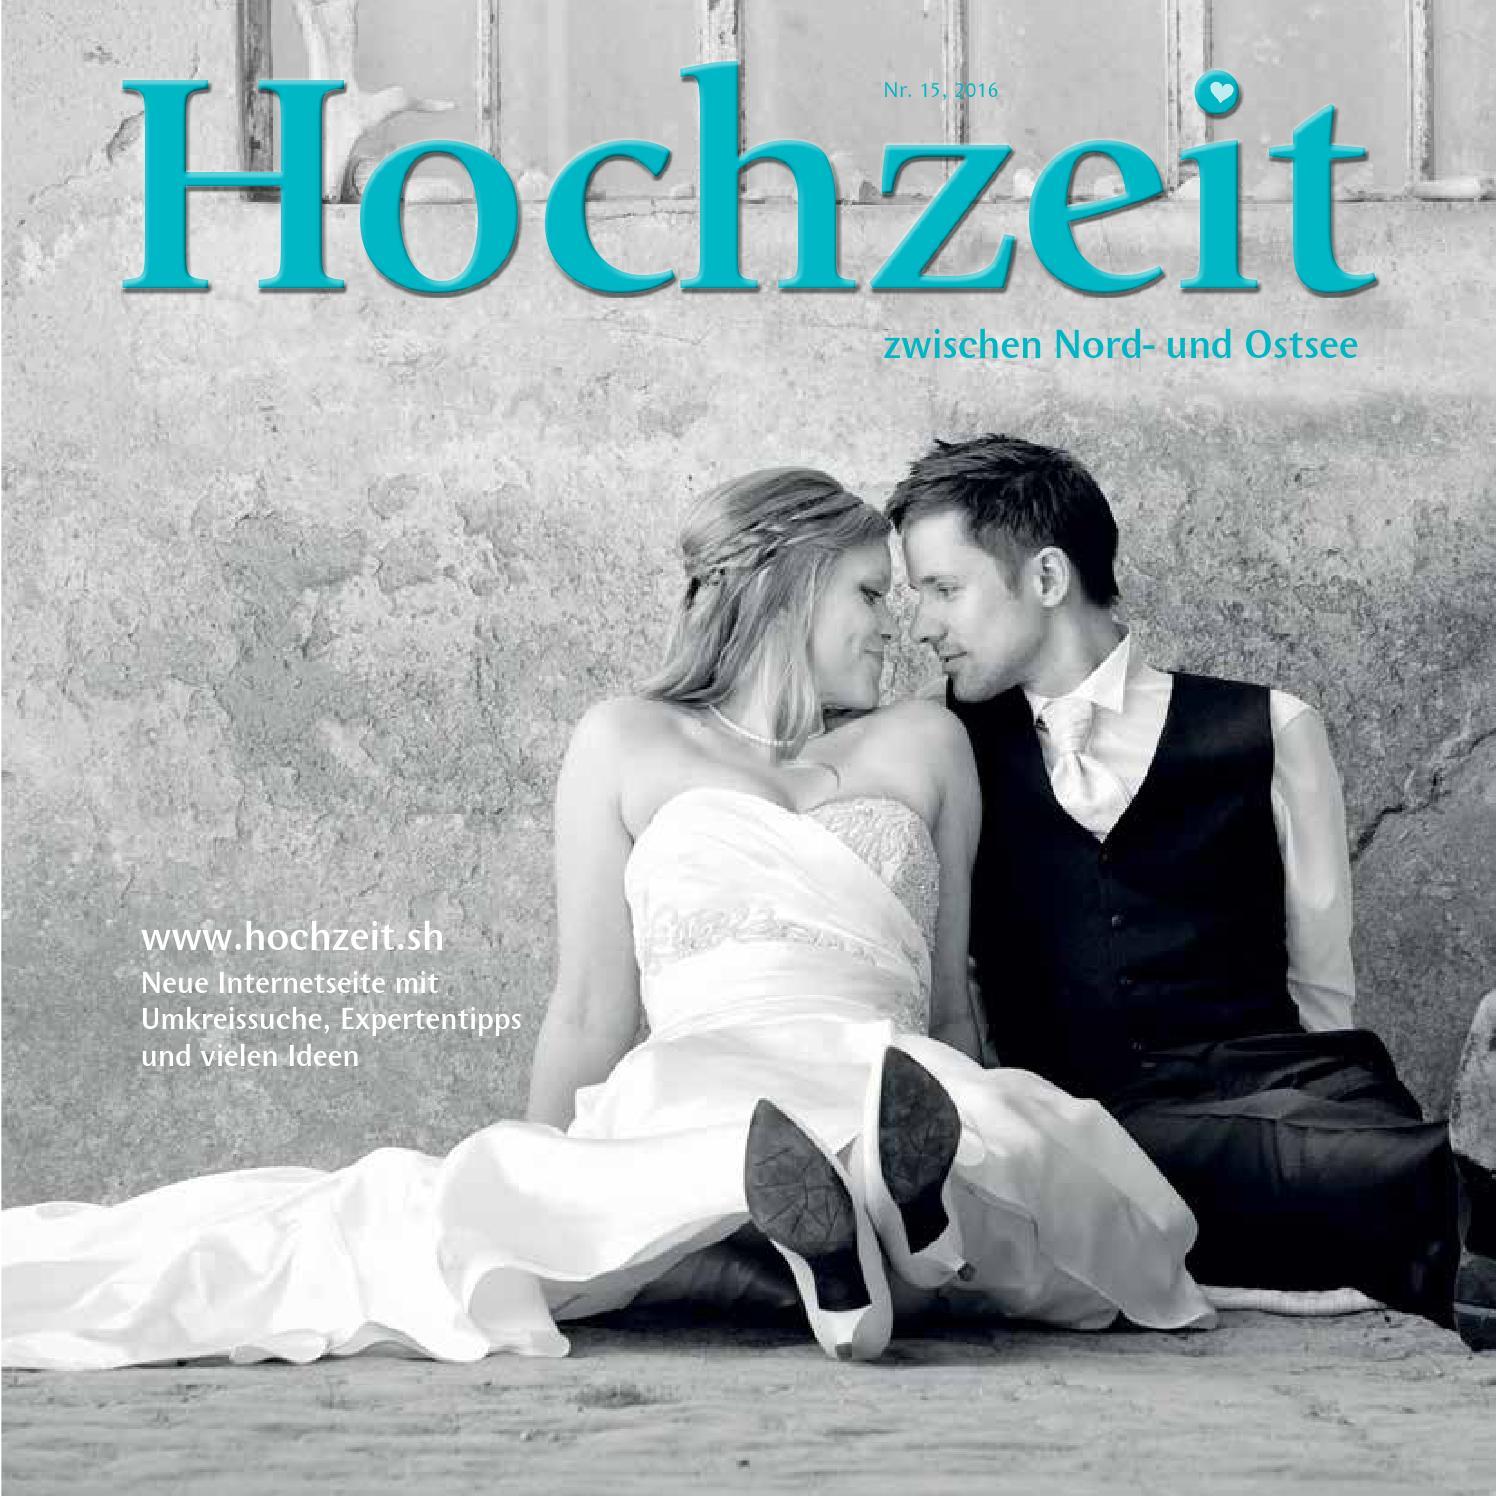 Hochzeit 15 Blätterkatalog by Rönne Verlag - issuu